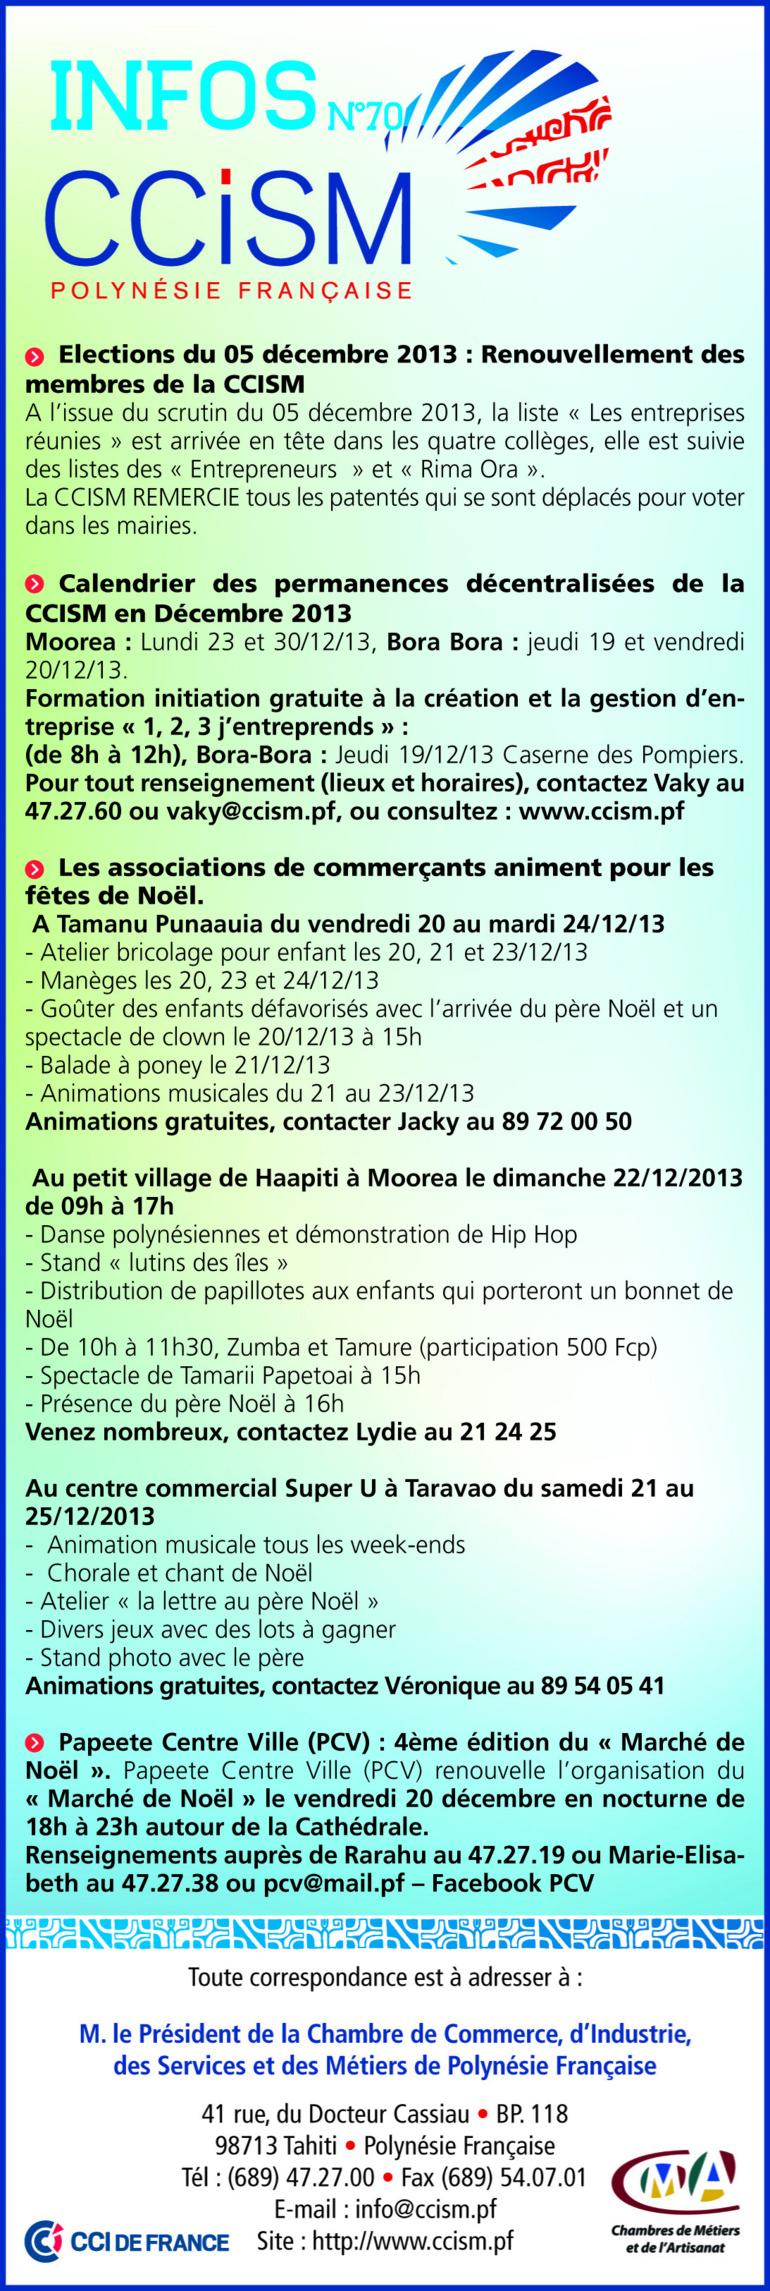 Infos CCISM N°70